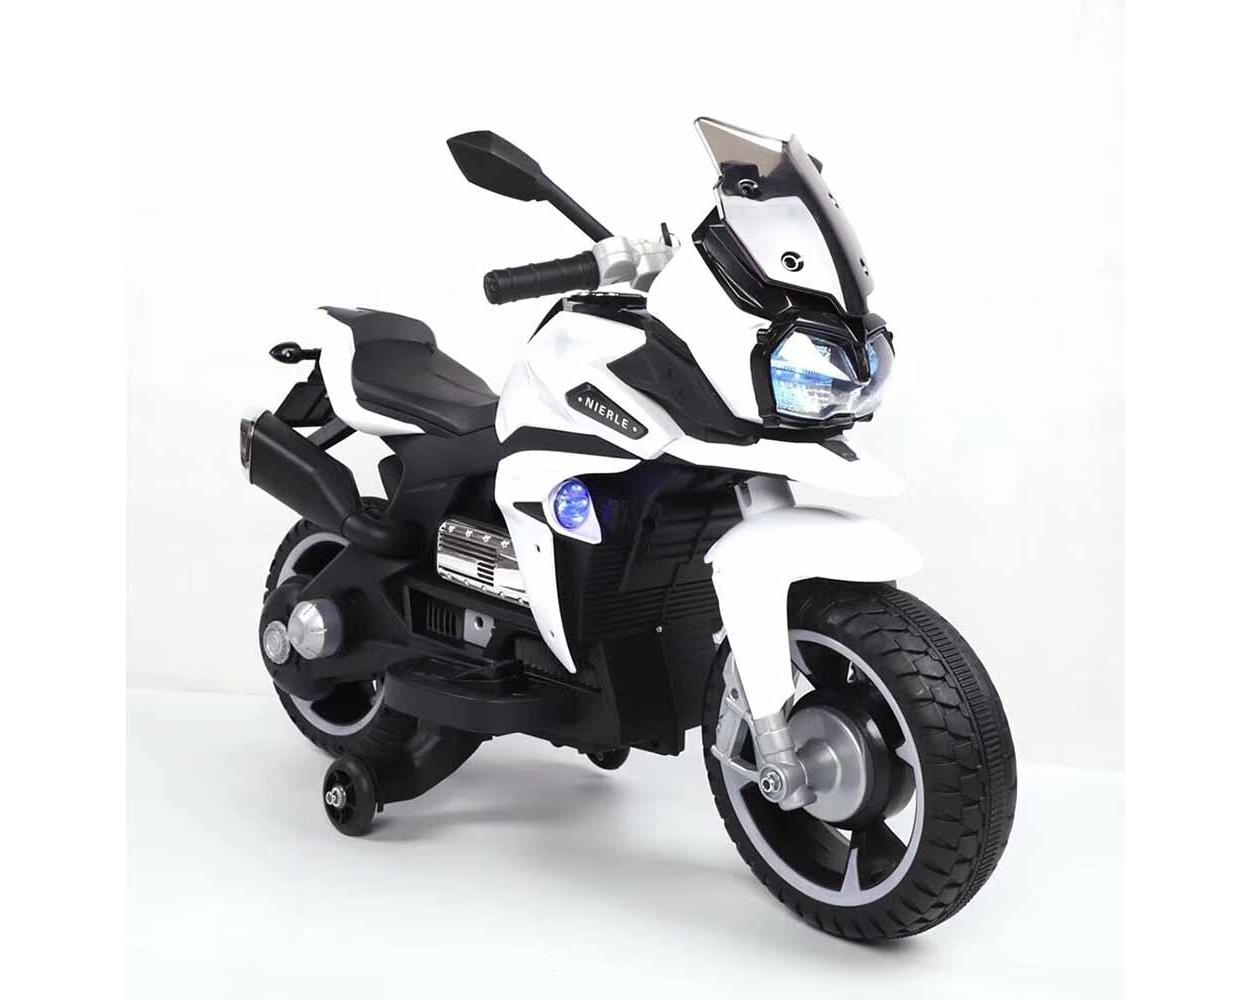 Ηλεκτροκίνητη Μηχανή 6V Rio R800 White Cangaroo